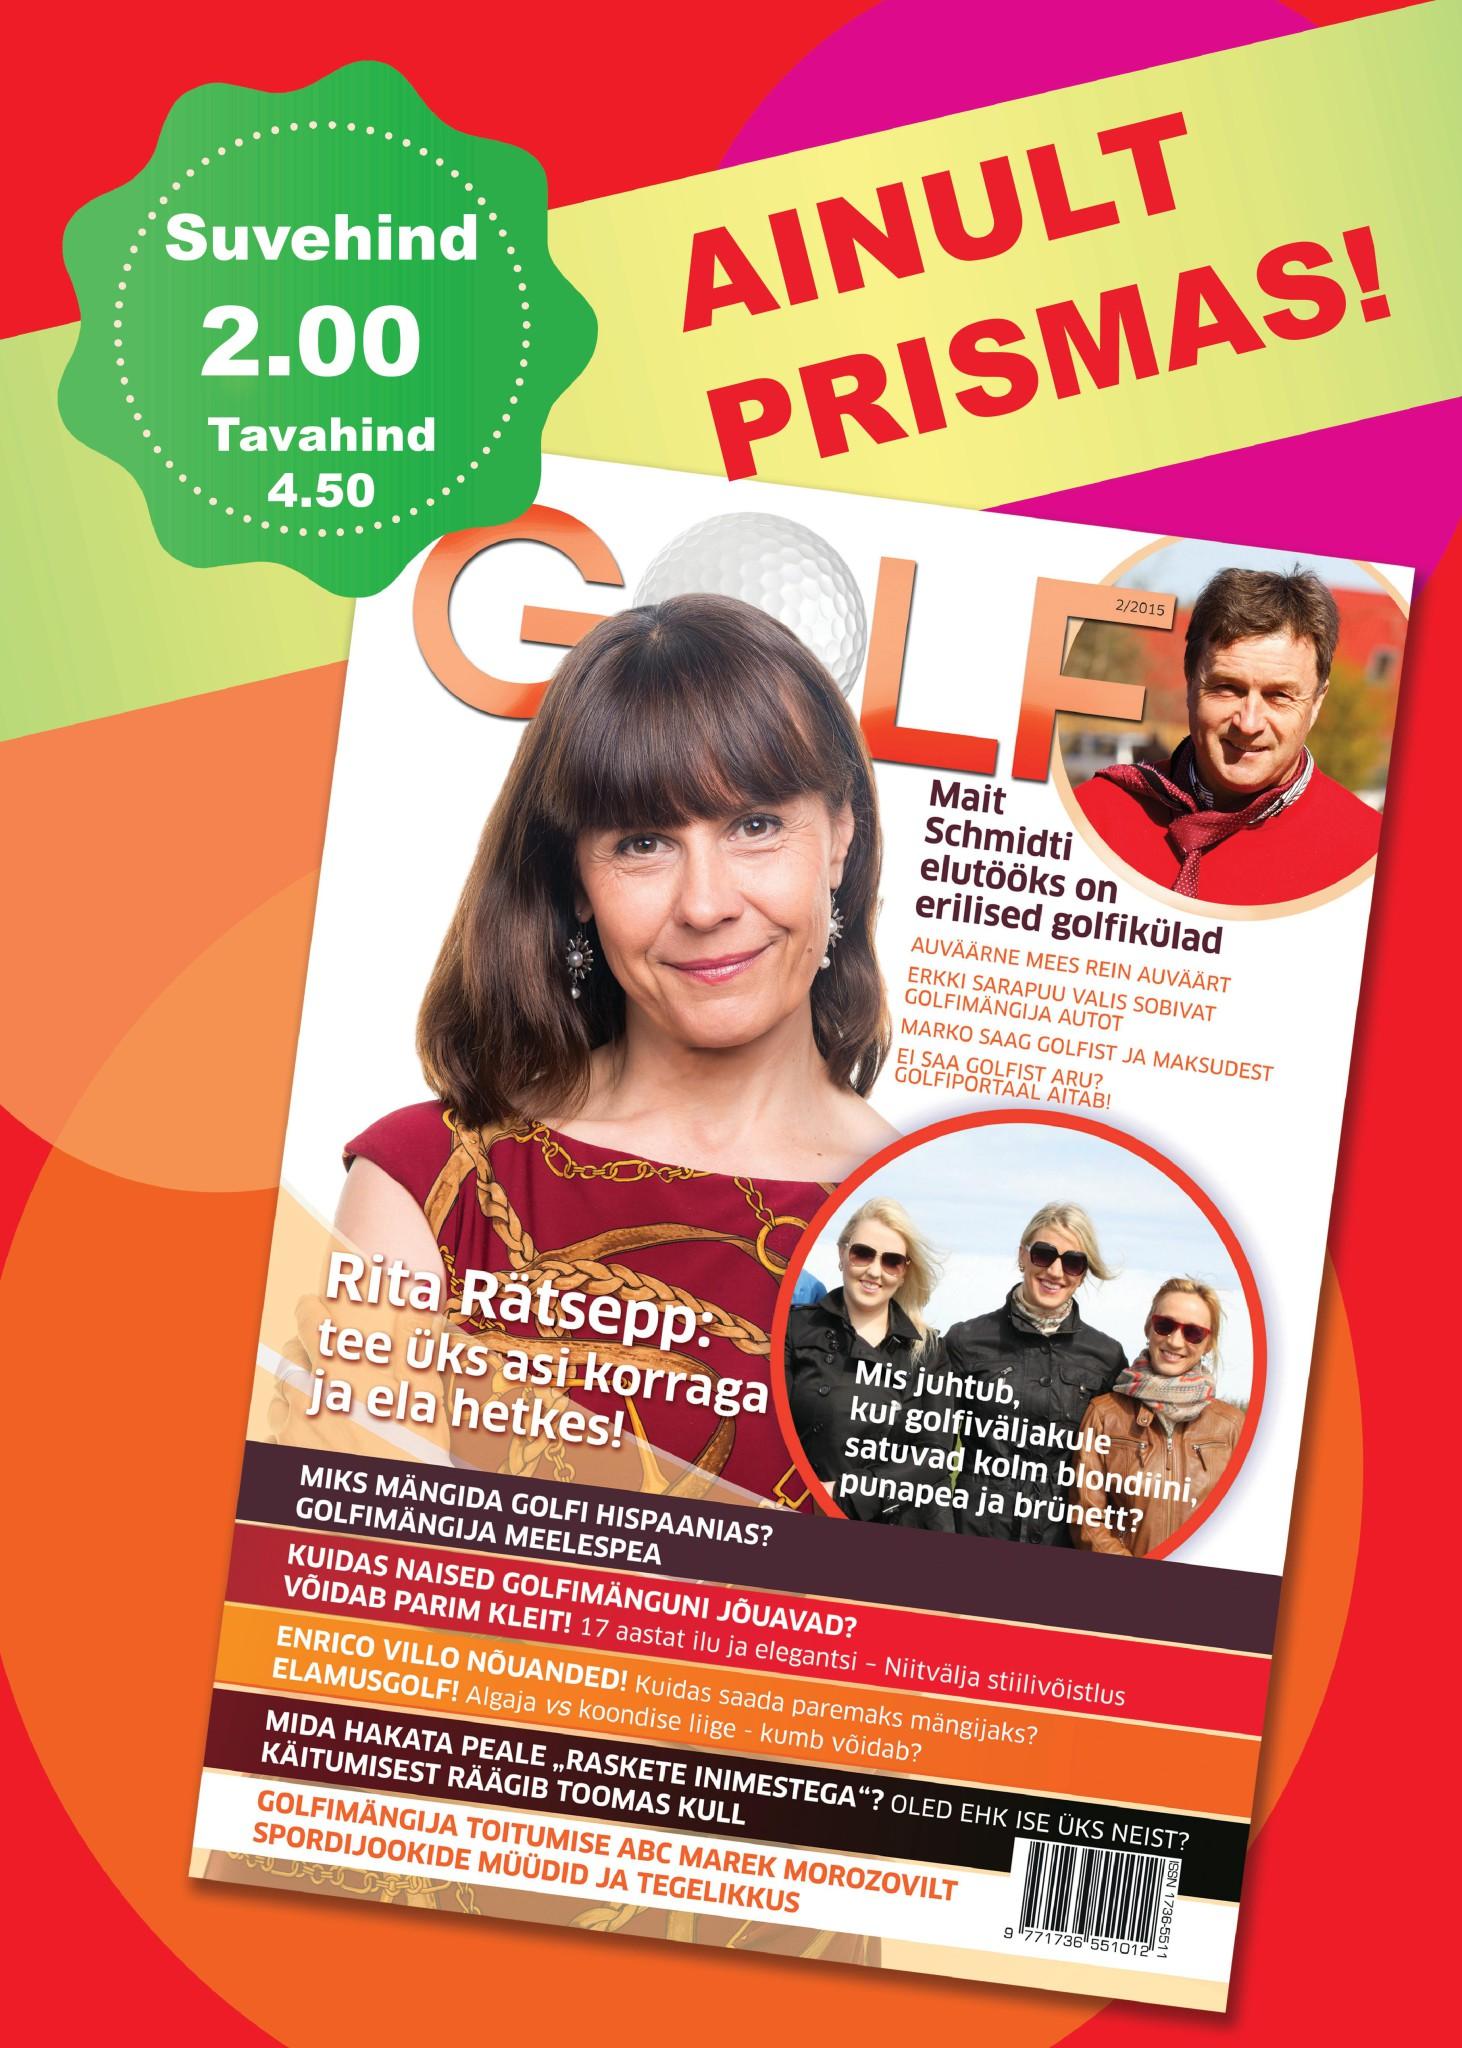 AINULT PRISMAS! Prismast saab uudse ajakirja Golf sirvimiseks ülisoodsalt kätte